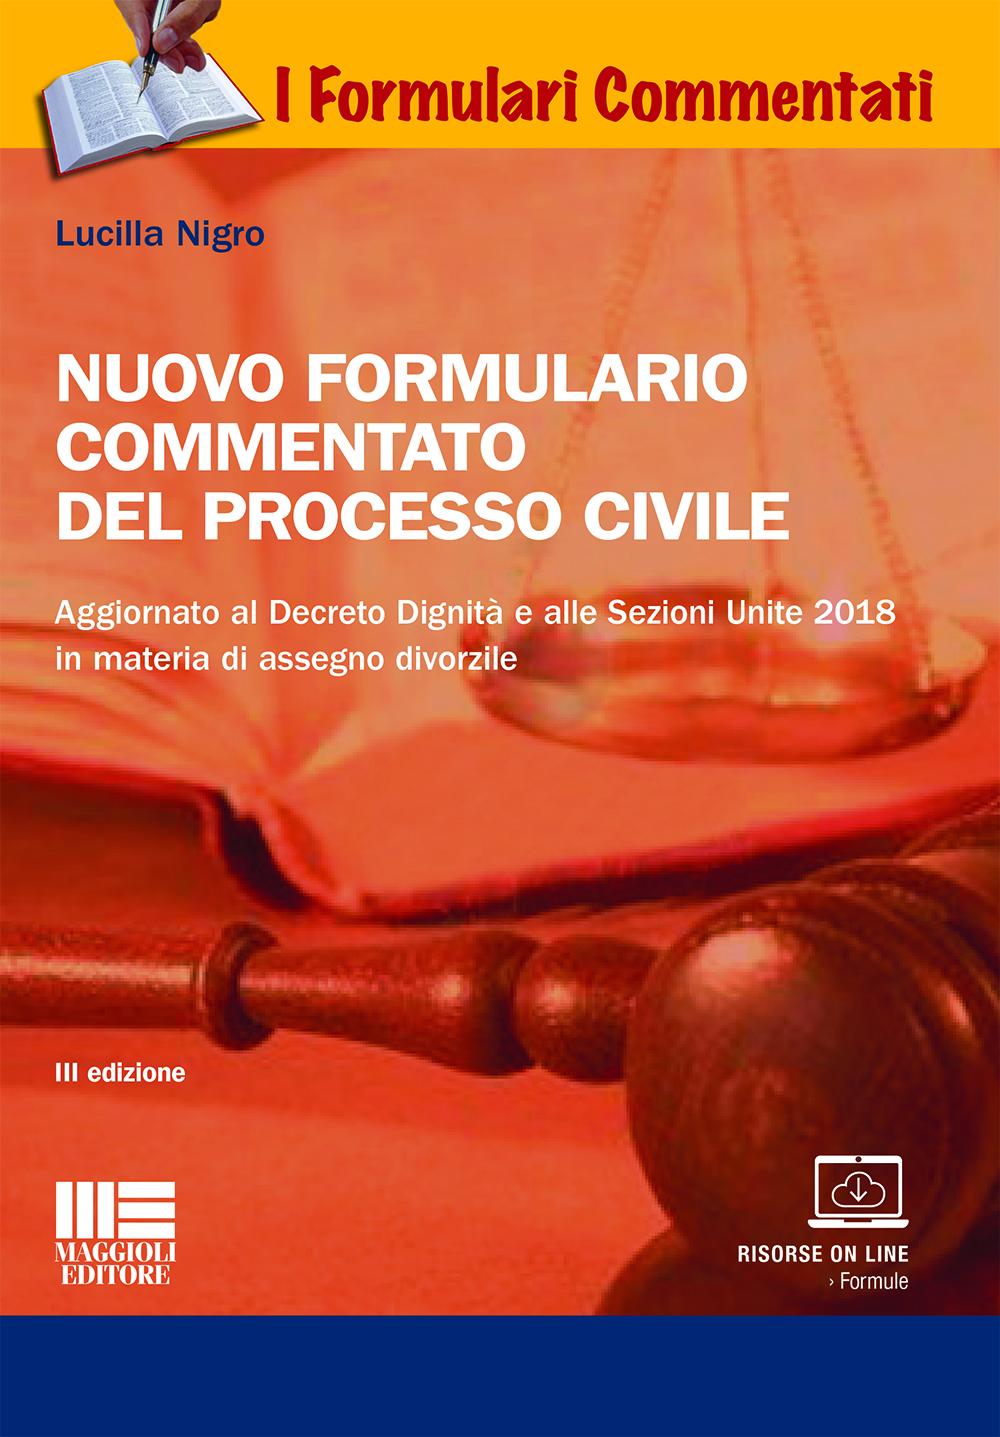 Nuovo formulario commentato del processo civile